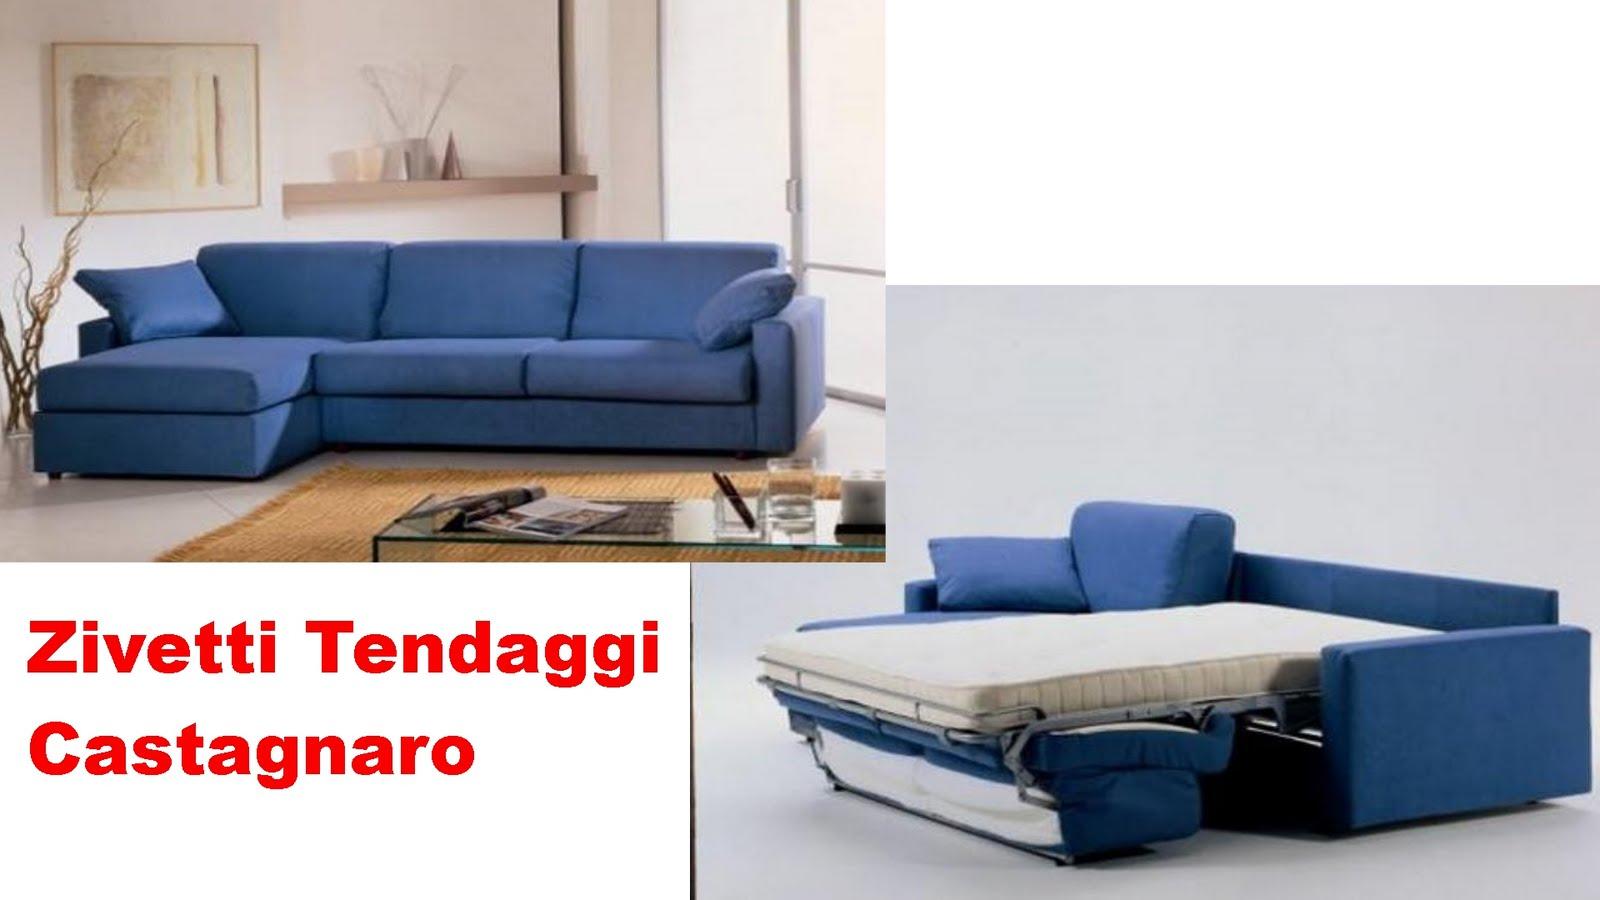 Tende materassi letti poltrone divani zilvetti tendaggi for Divani divani prezzi